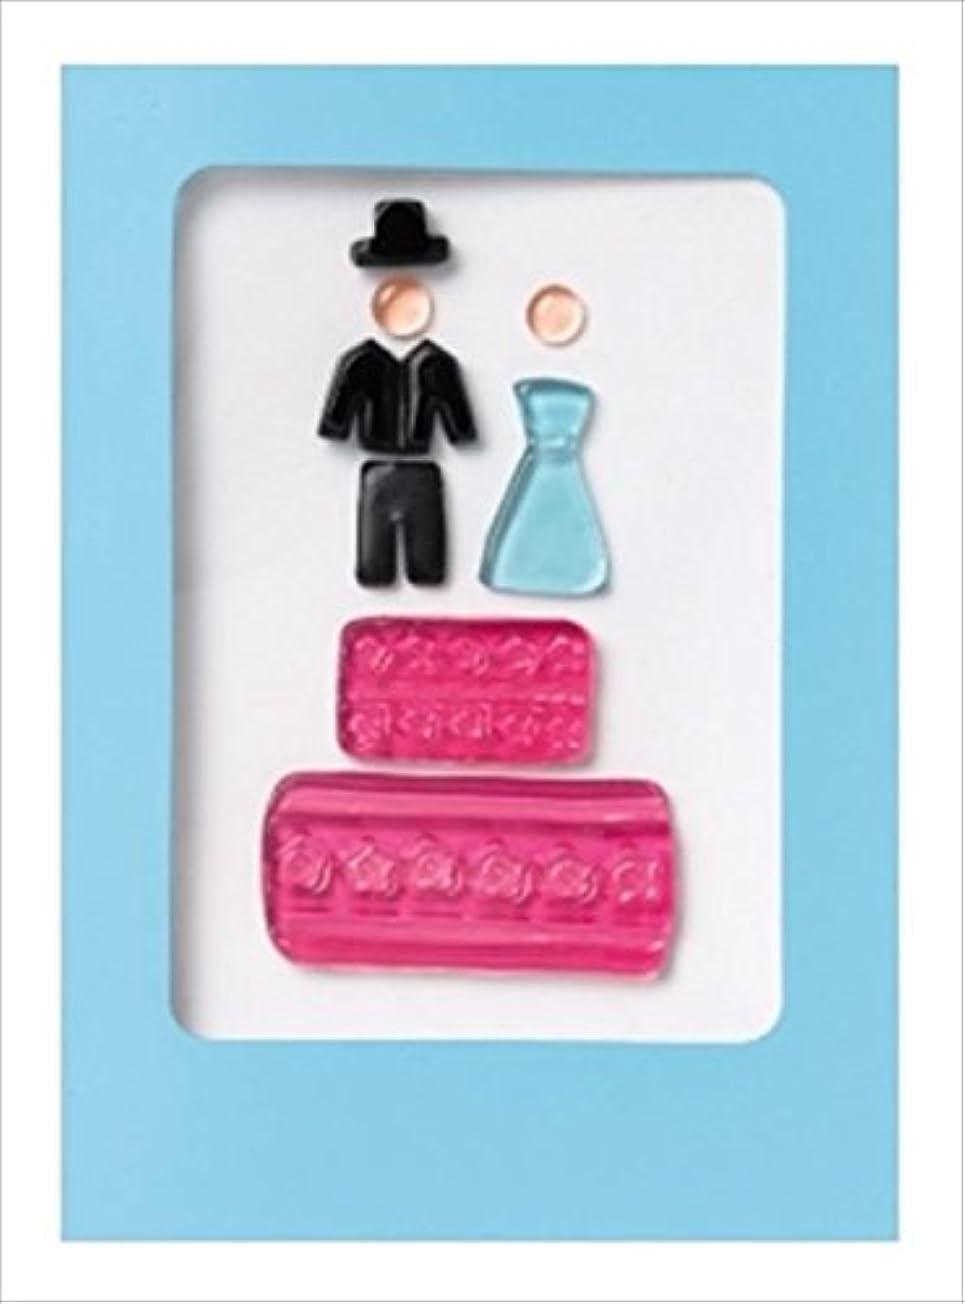 公平ティーム究極のGelGems(ジェルジェム) ジェルジェムグリーティングカード 「 ウェディング 」 E0410029 キャンドル 143x192x5mm (E0410029)